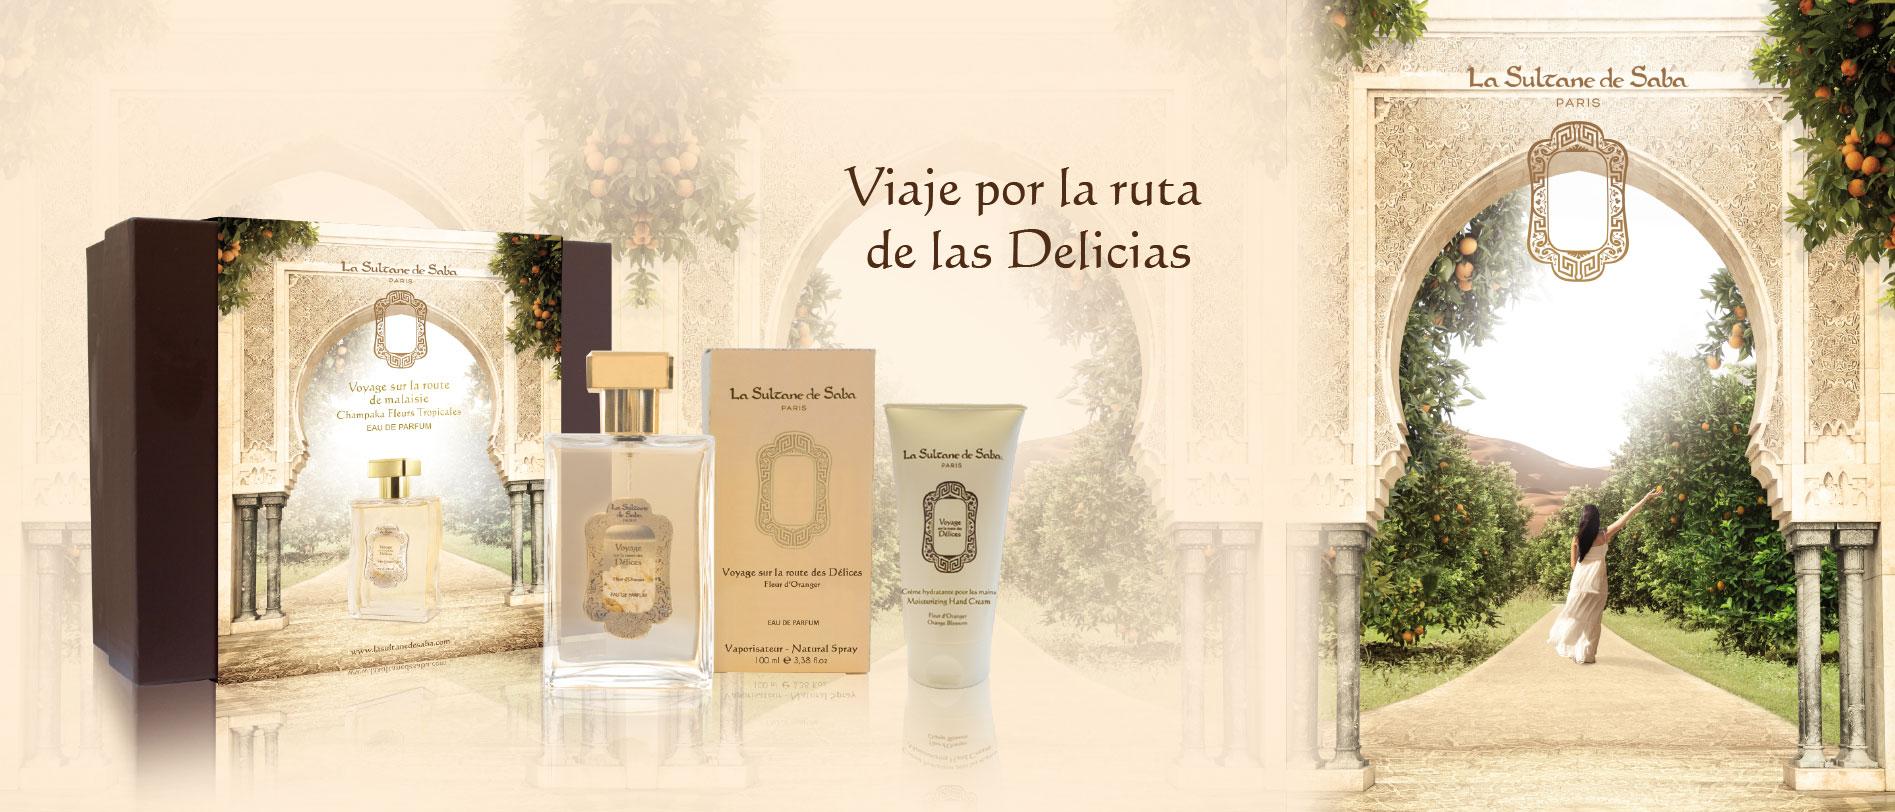 Viaje por la ruta de las Delicias